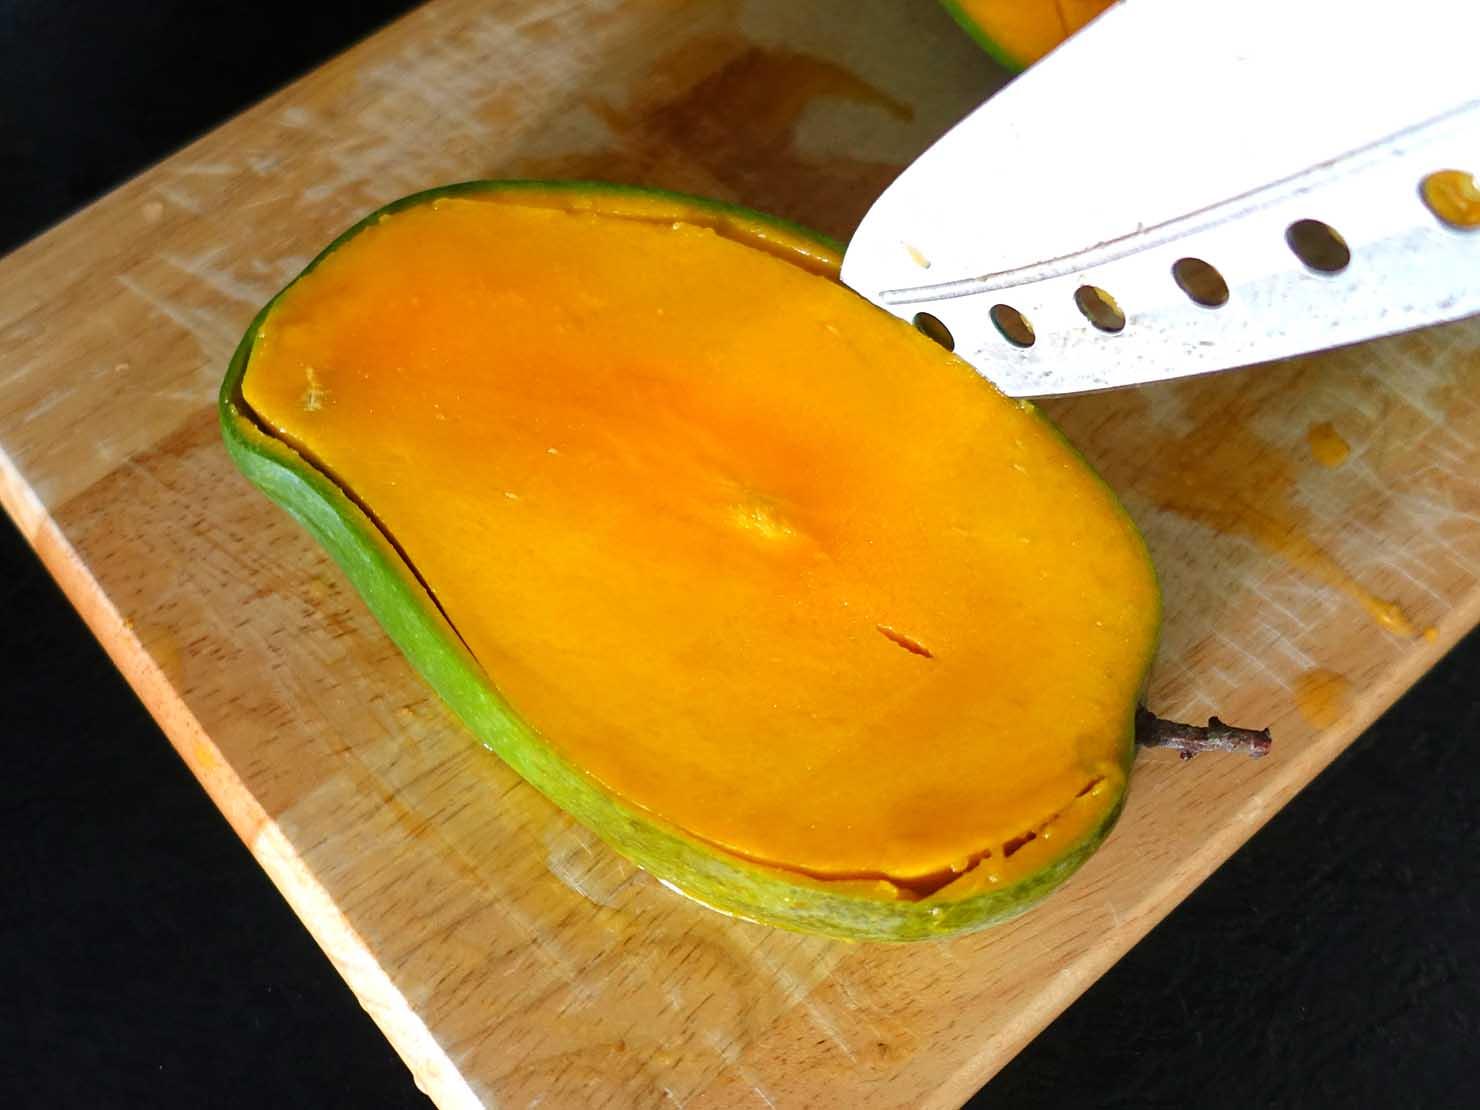 台湾のちょっと珍しい緑のマンゴー「烏香芒果」の切り方(タネの周り)